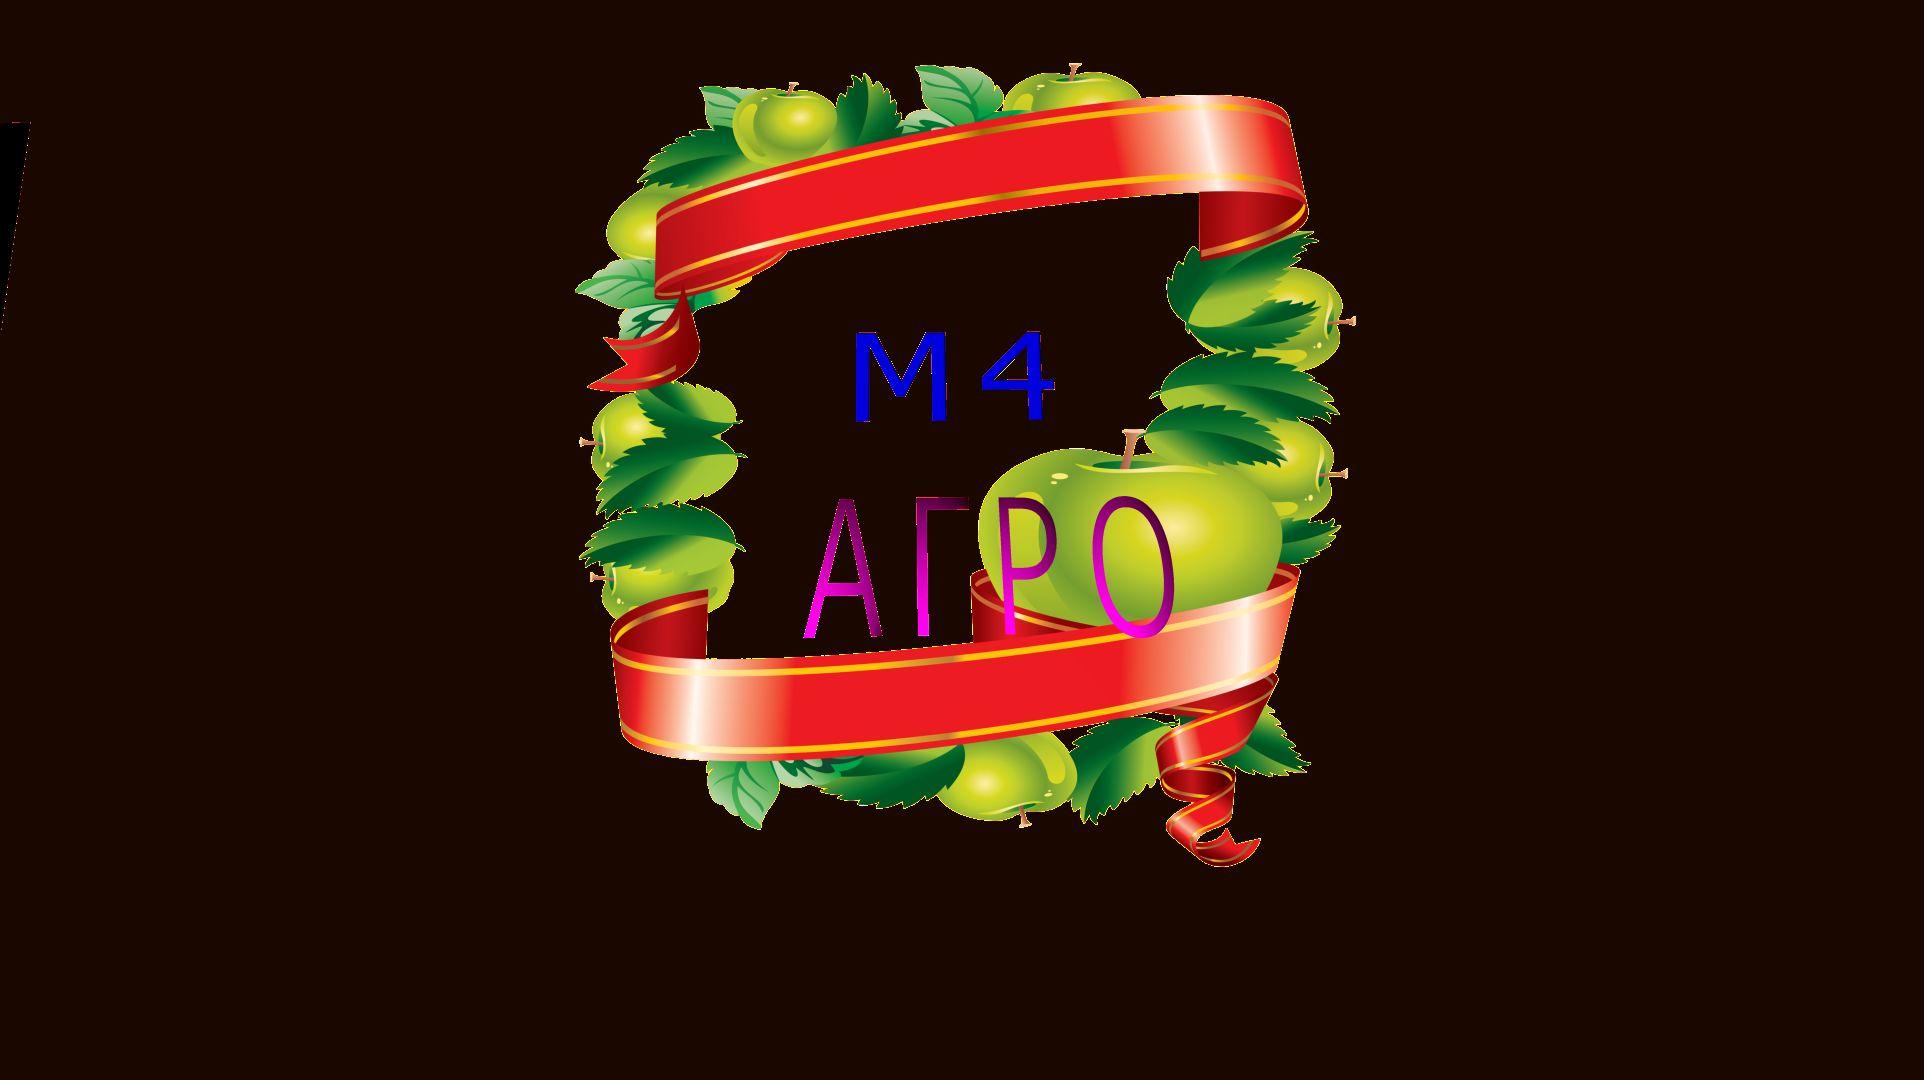 Логотип для M4 АГРО - Российские фрукты - дизайнер QAZWS2